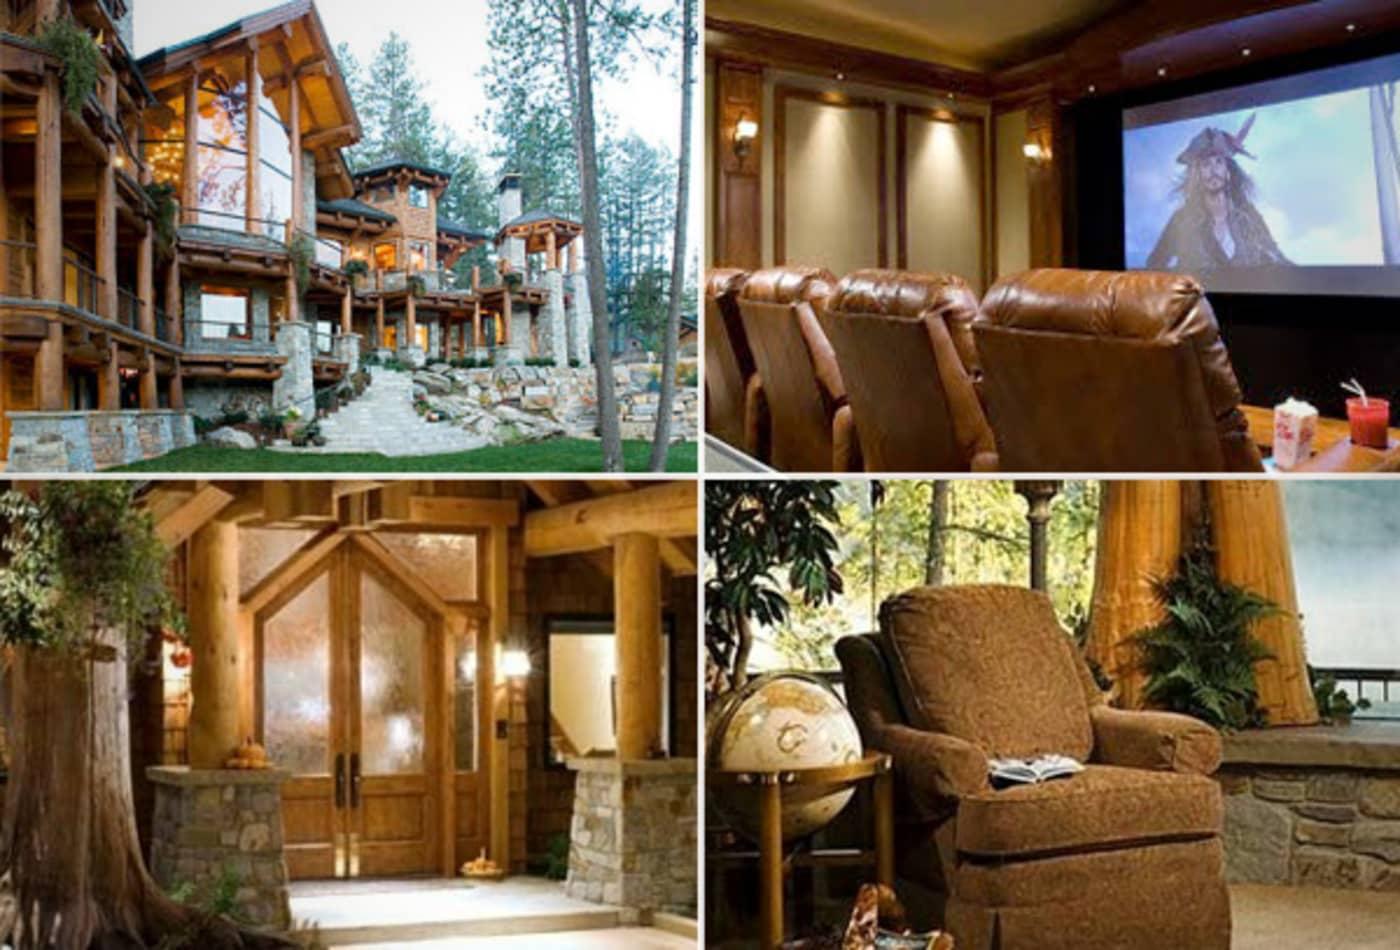 CNBC_luxurious_log_cabins_idaho2.jpg